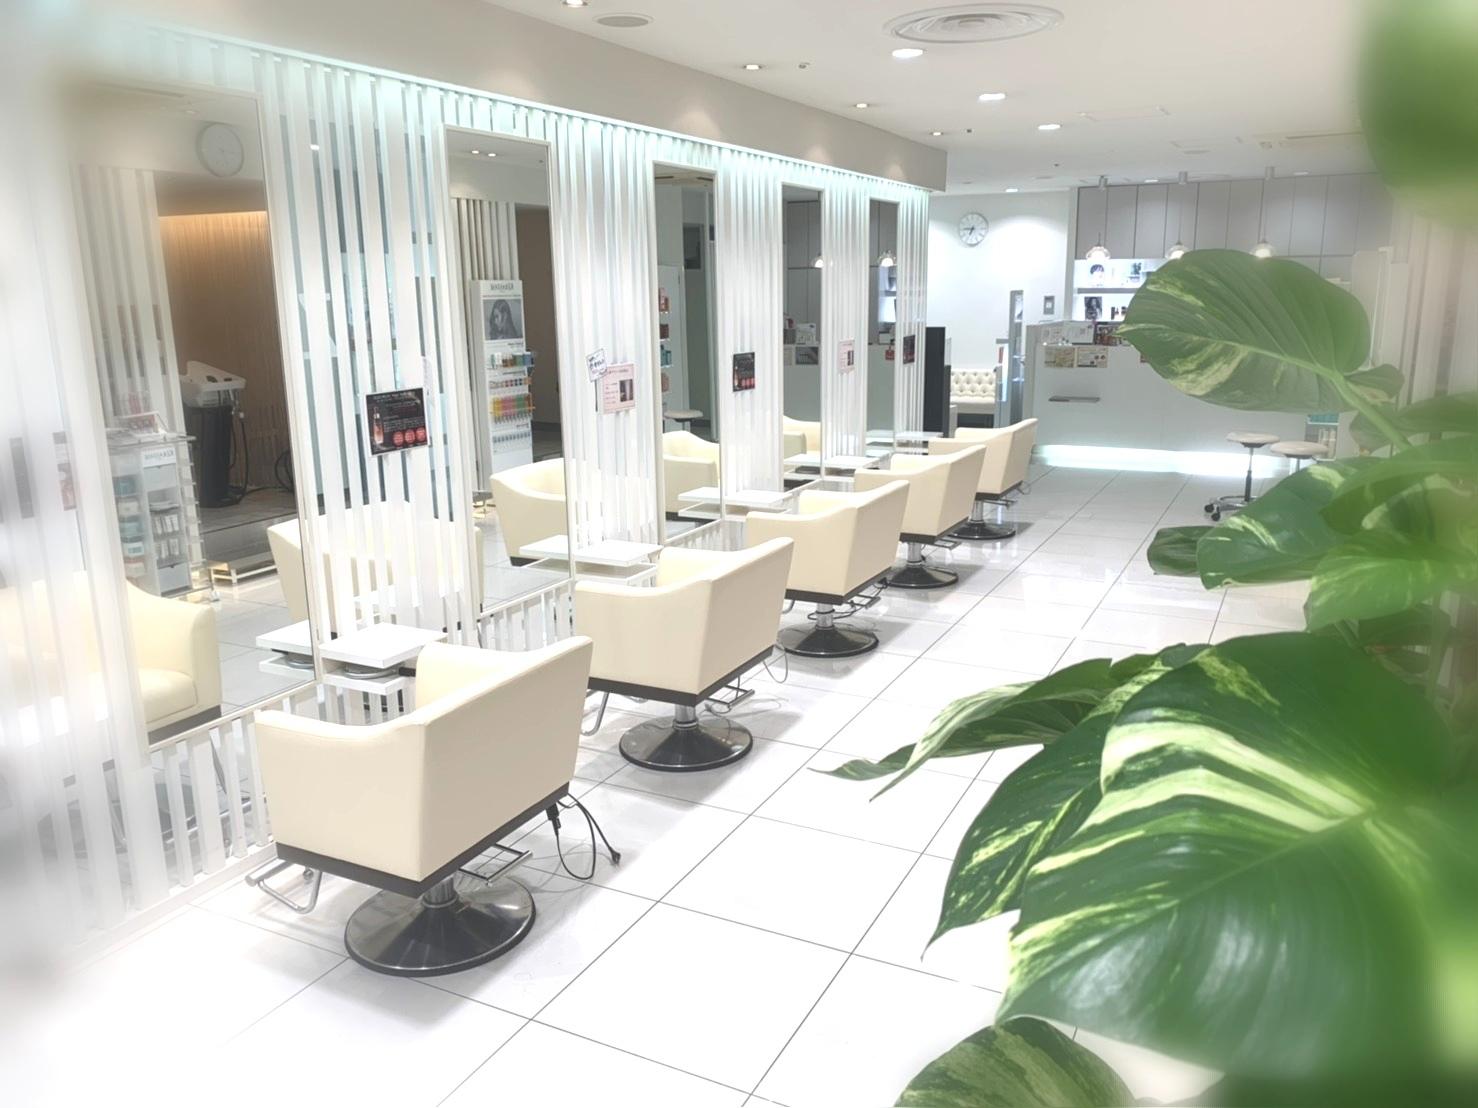 白を基調とした清潔感のある上質な空間で居心地抜群◎本物志向の大人女性に人気のサロンです。